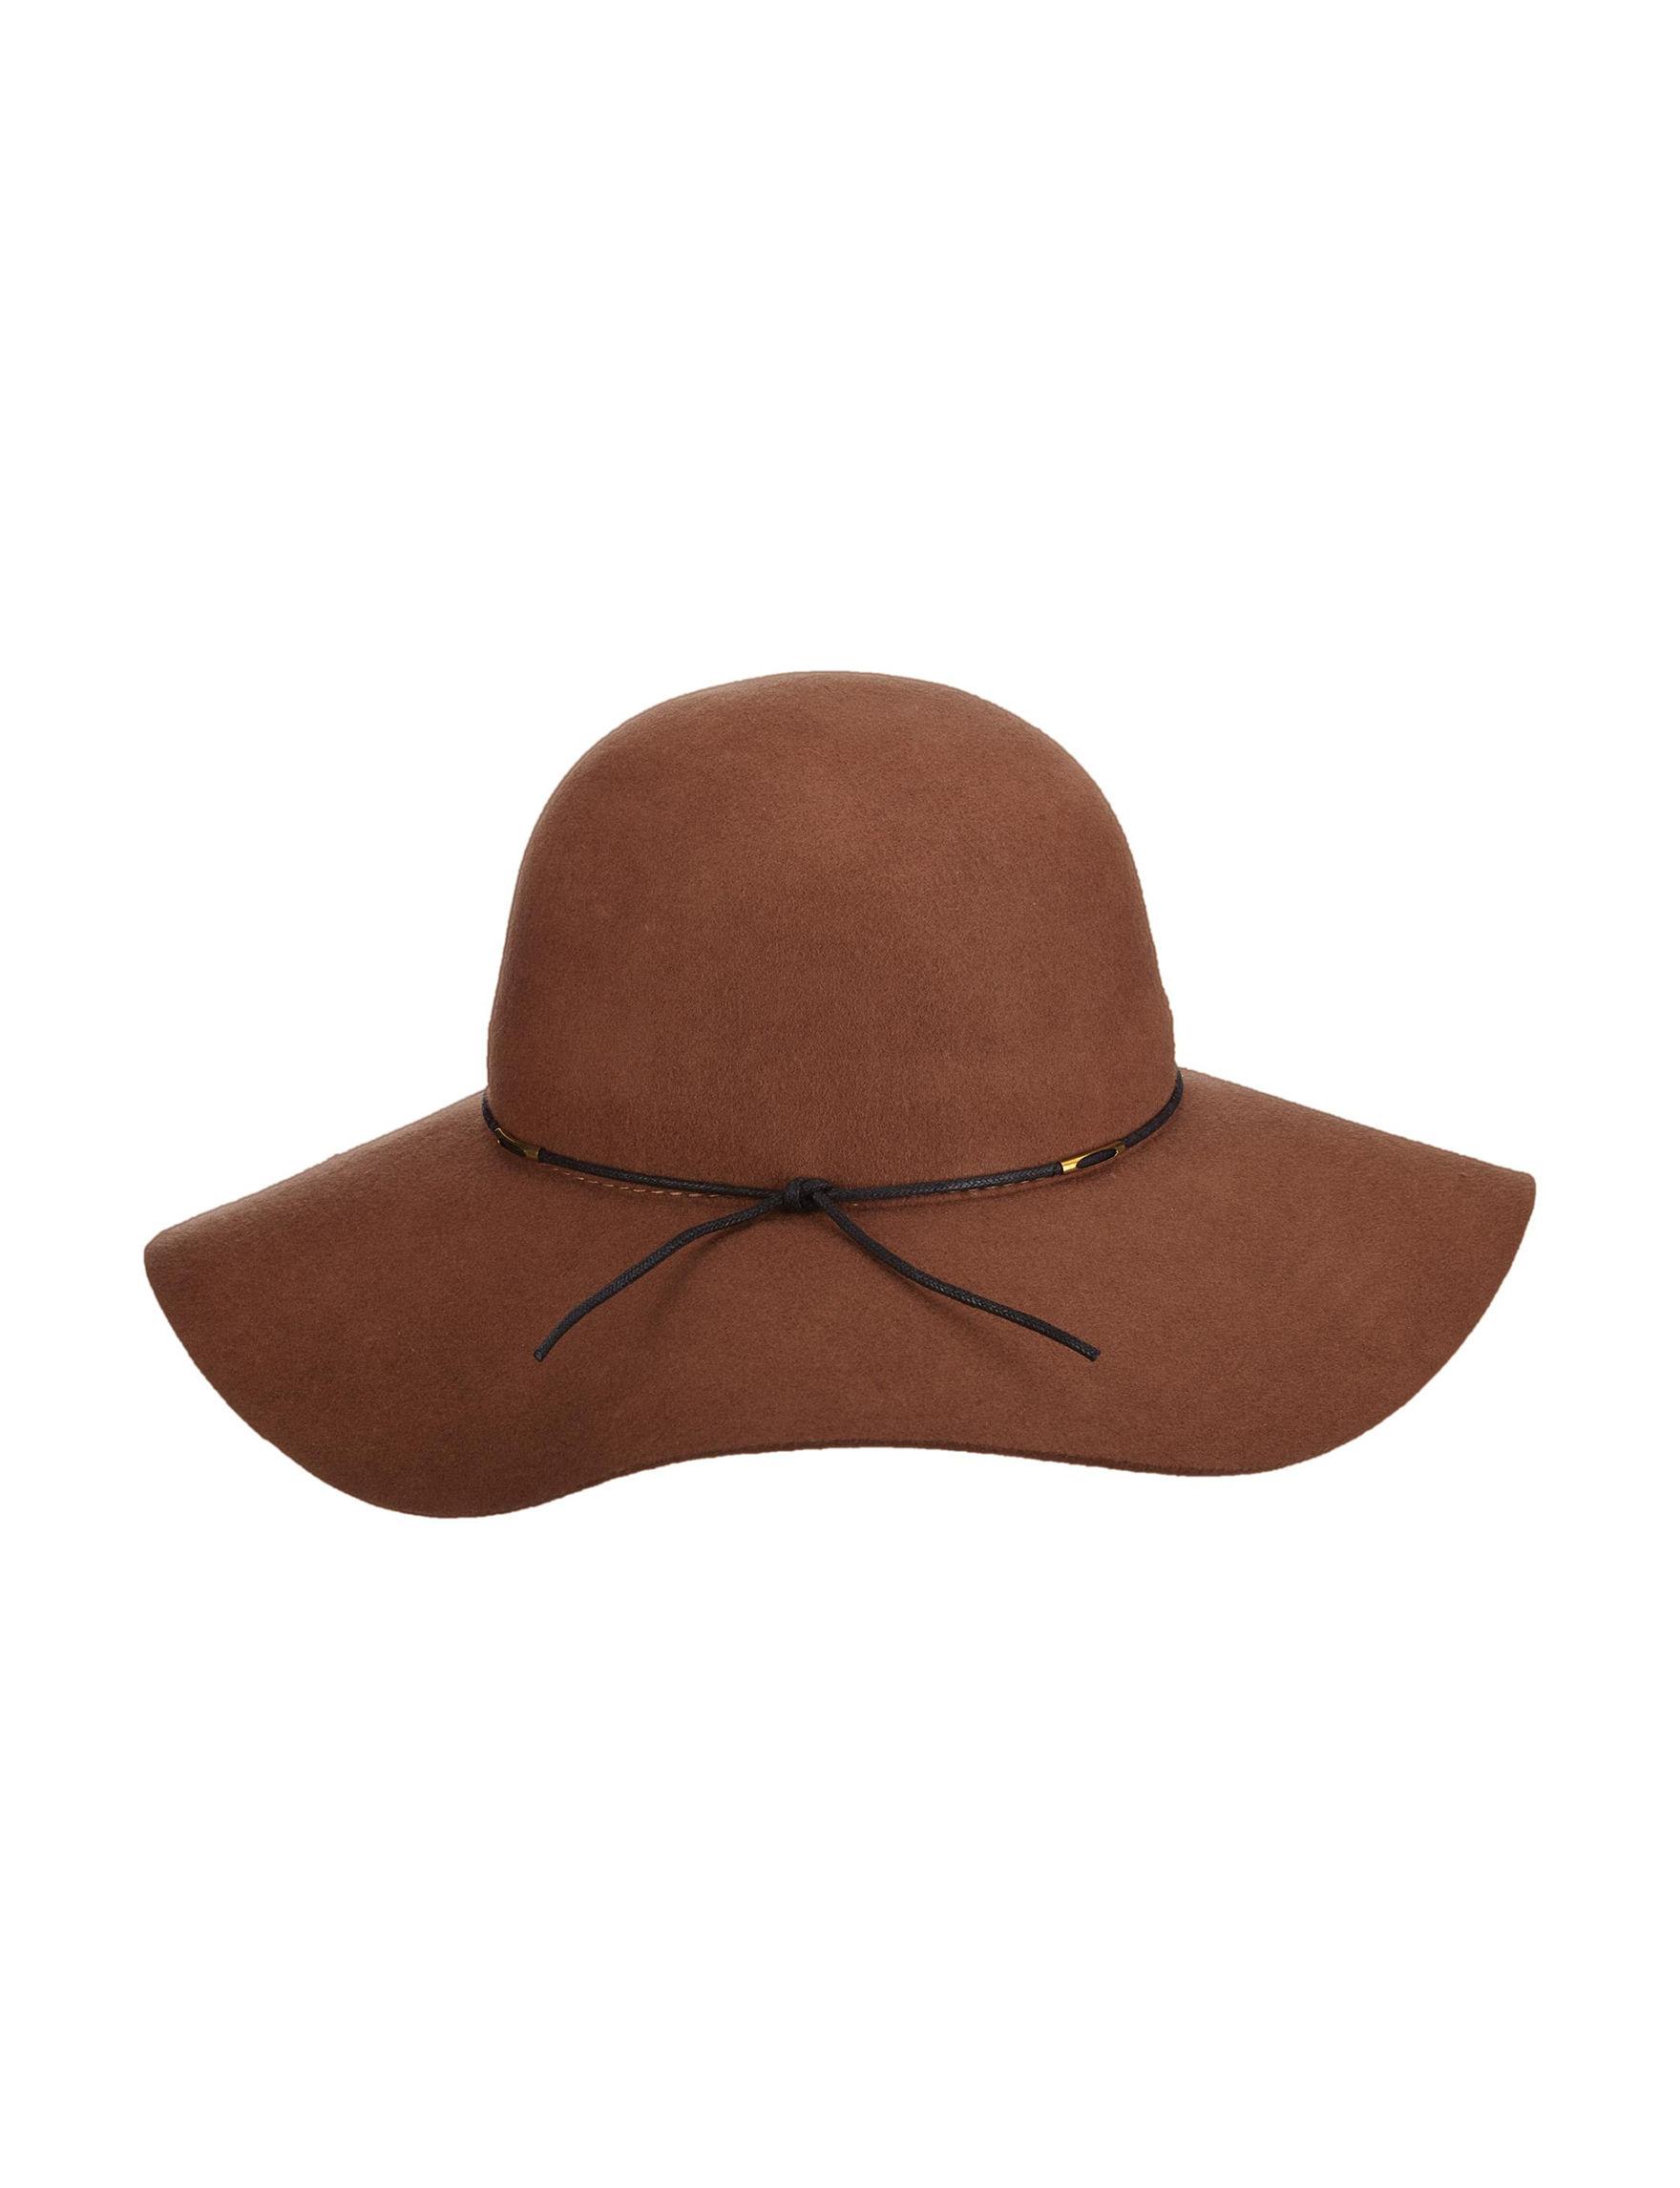 Scala Pecan Hats & Headwear